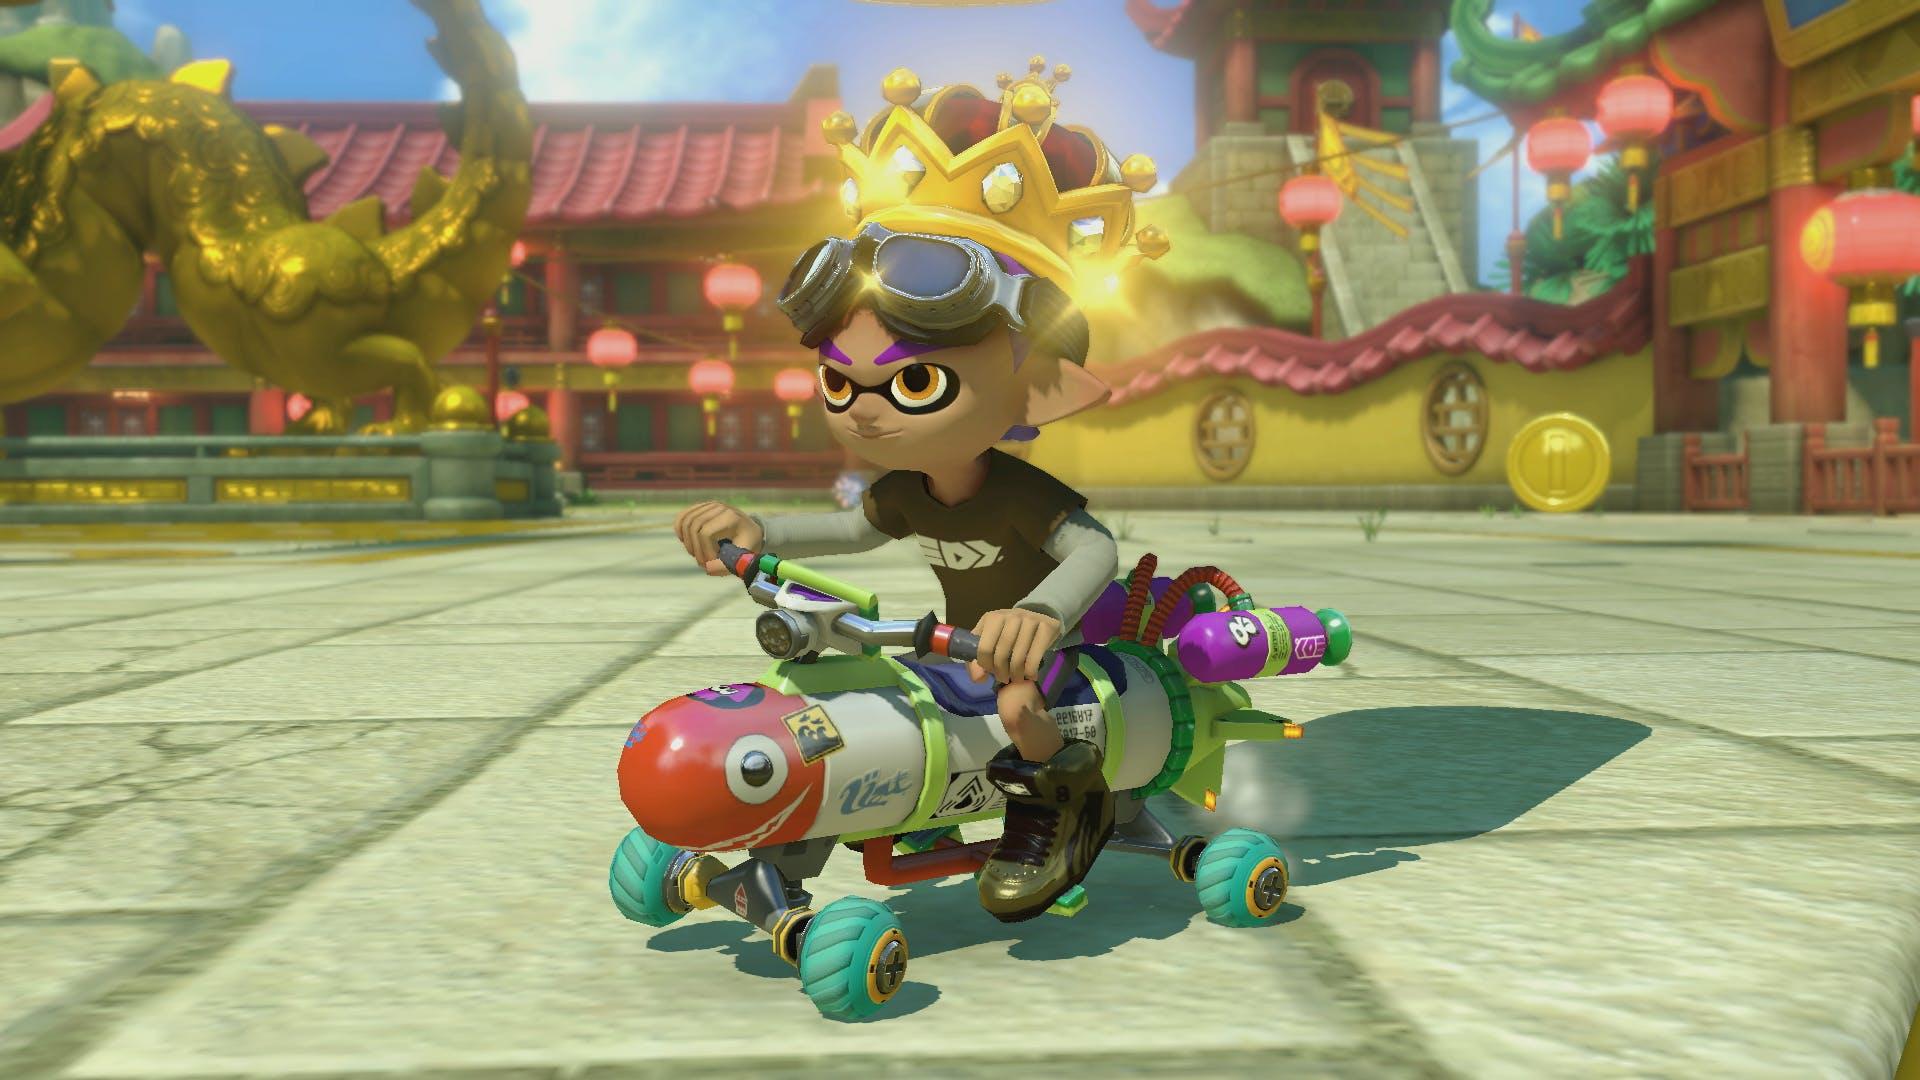 MarioKart 8 battle mode